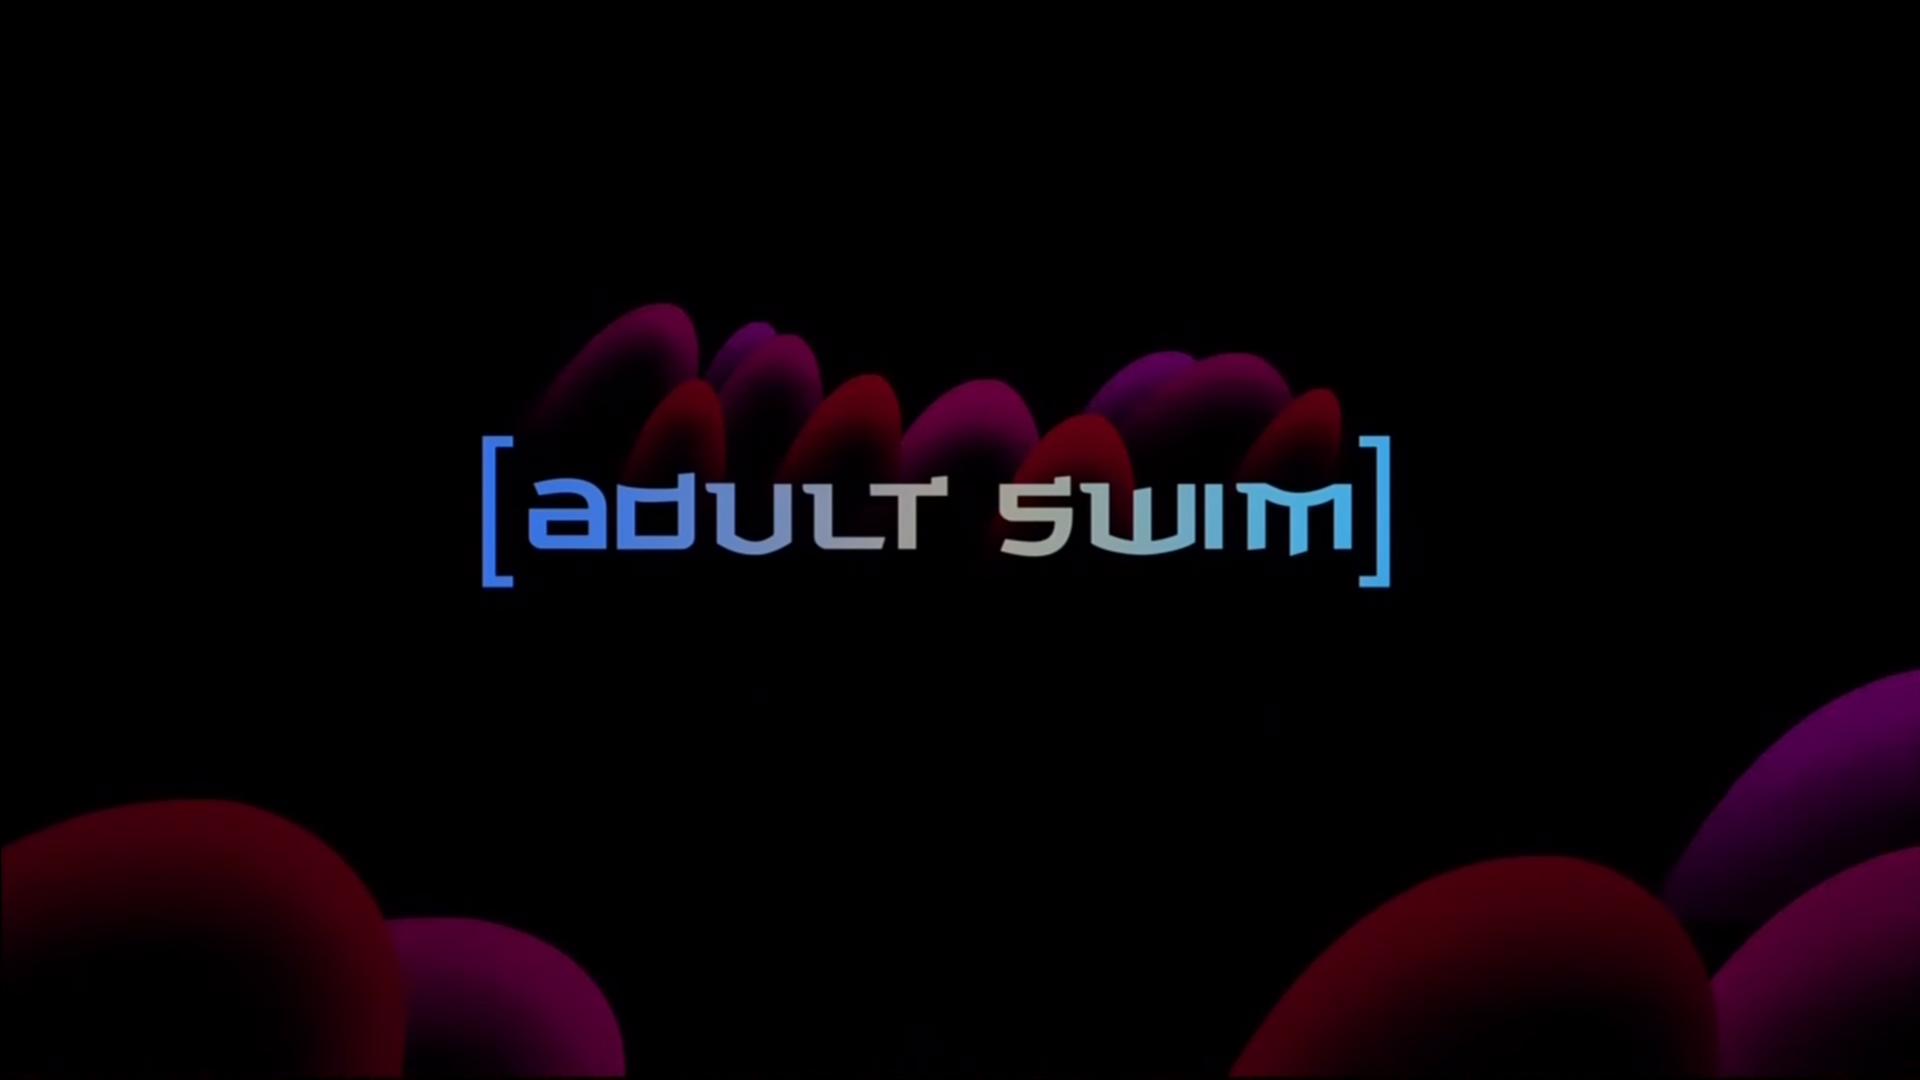 Файл:Adult swim.png